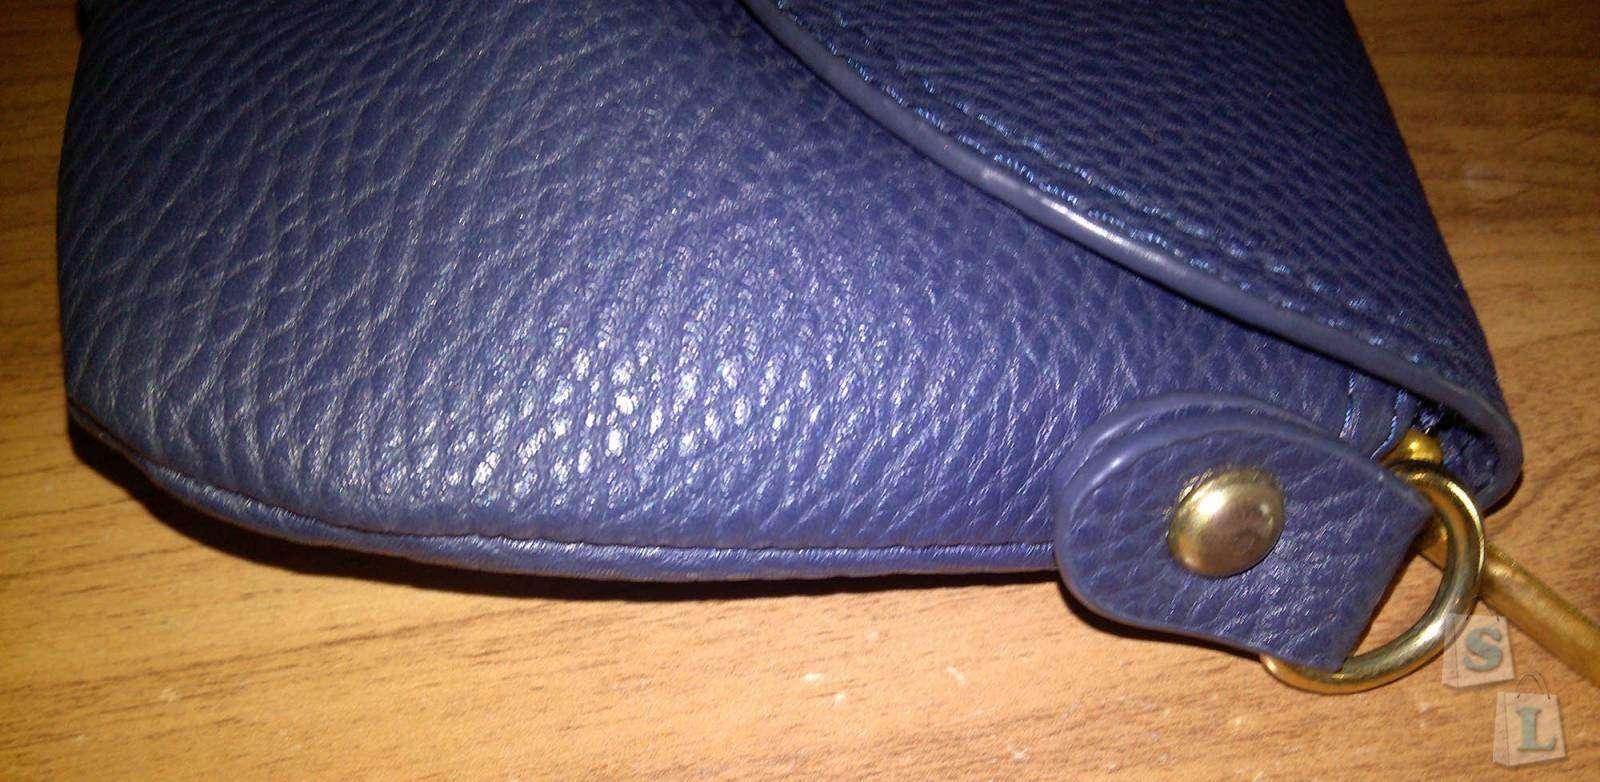 Aliexpress: Меленькая женская сумочка